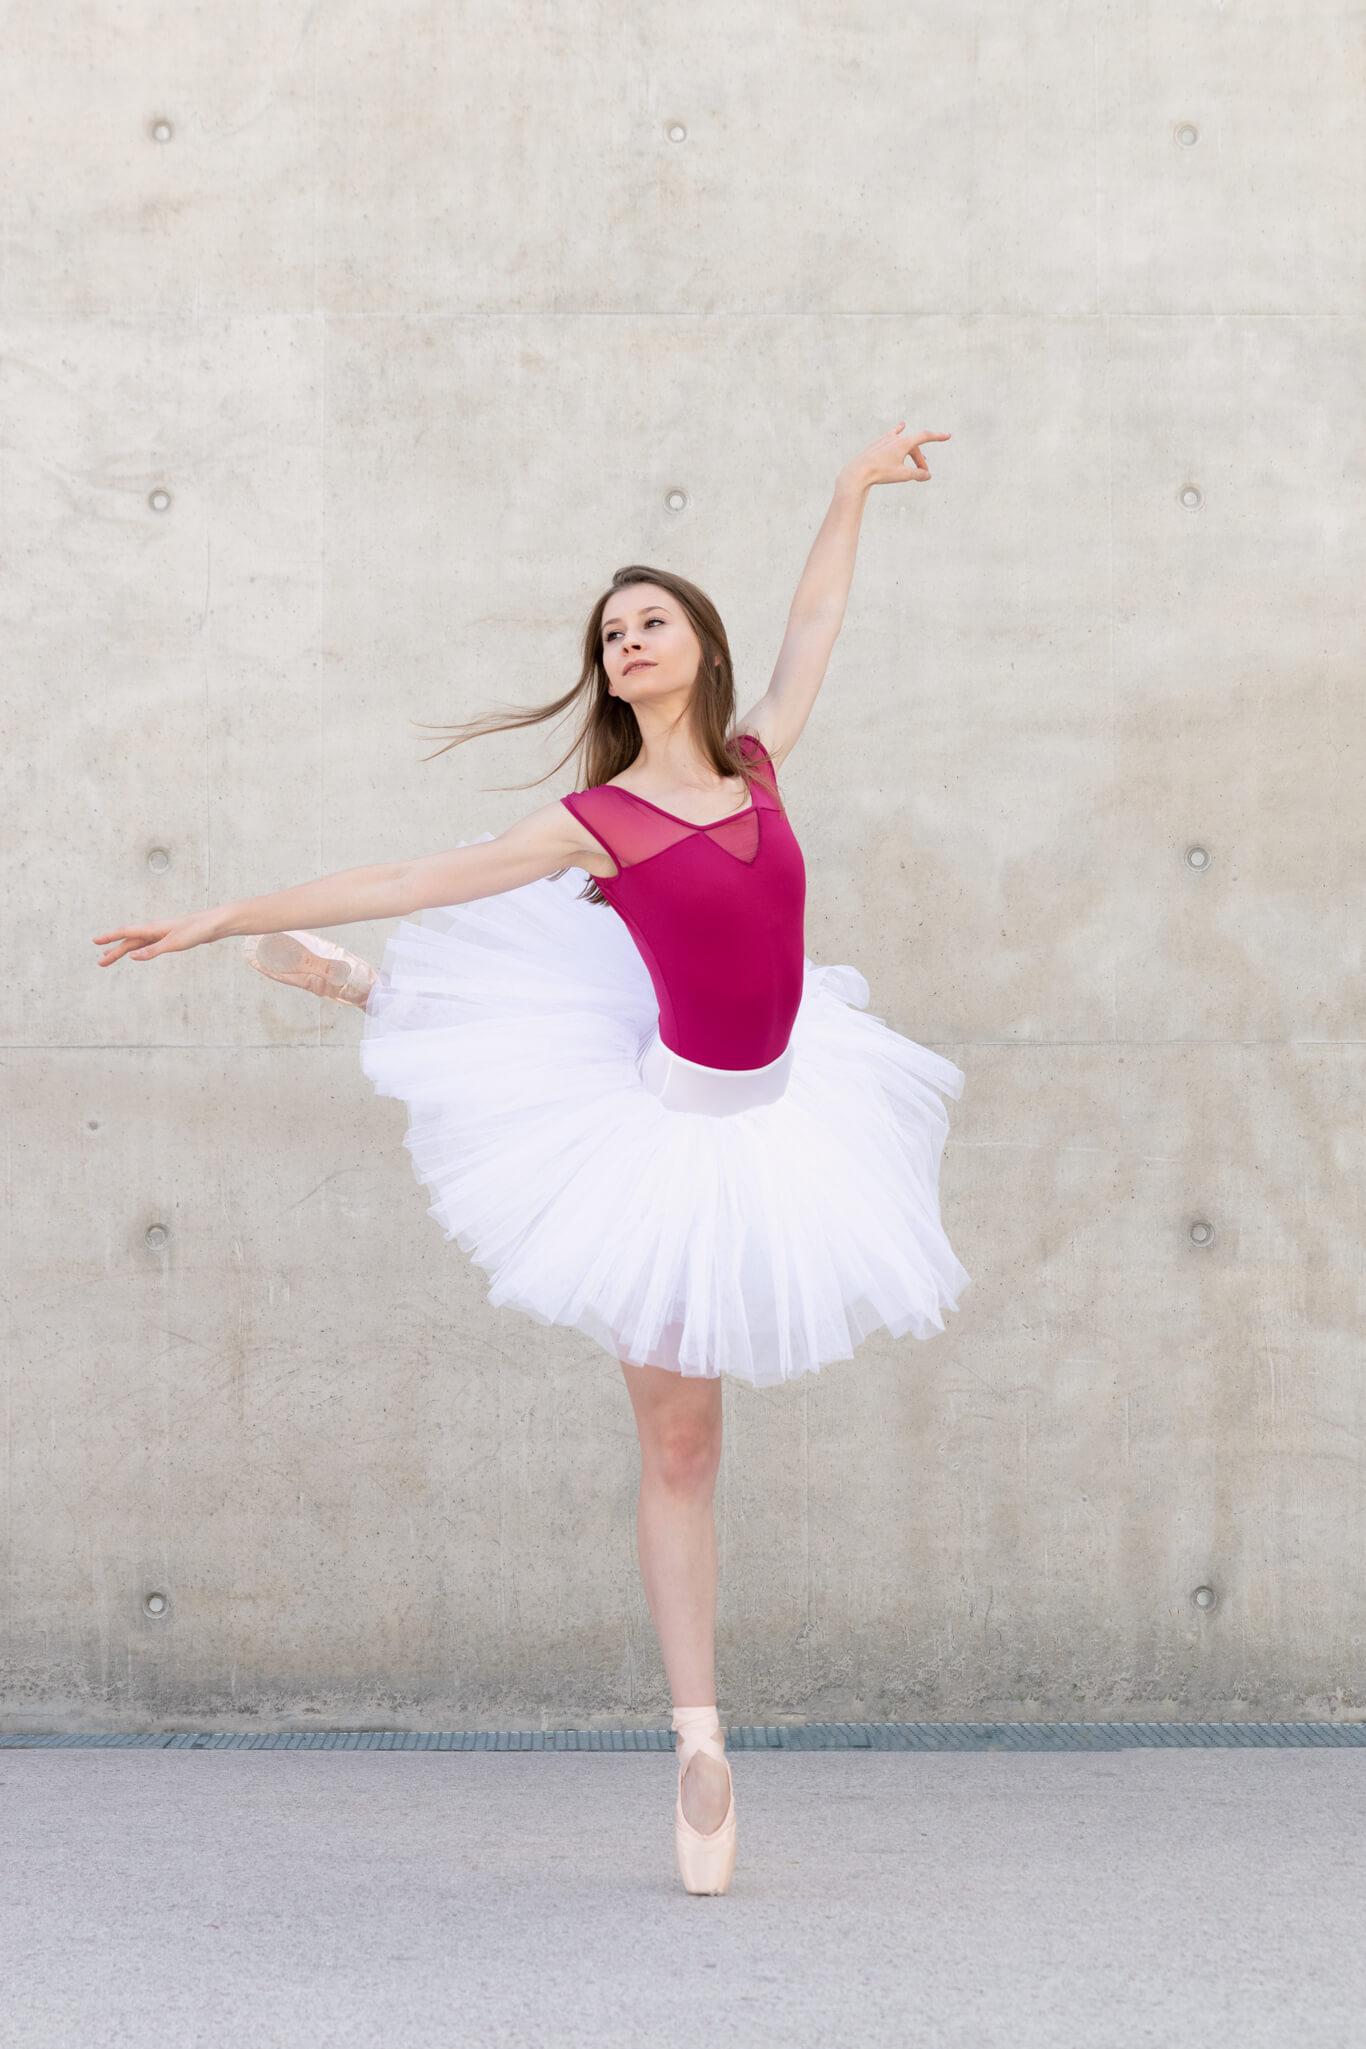 Attitude danse classique béton urbain ville Nancy